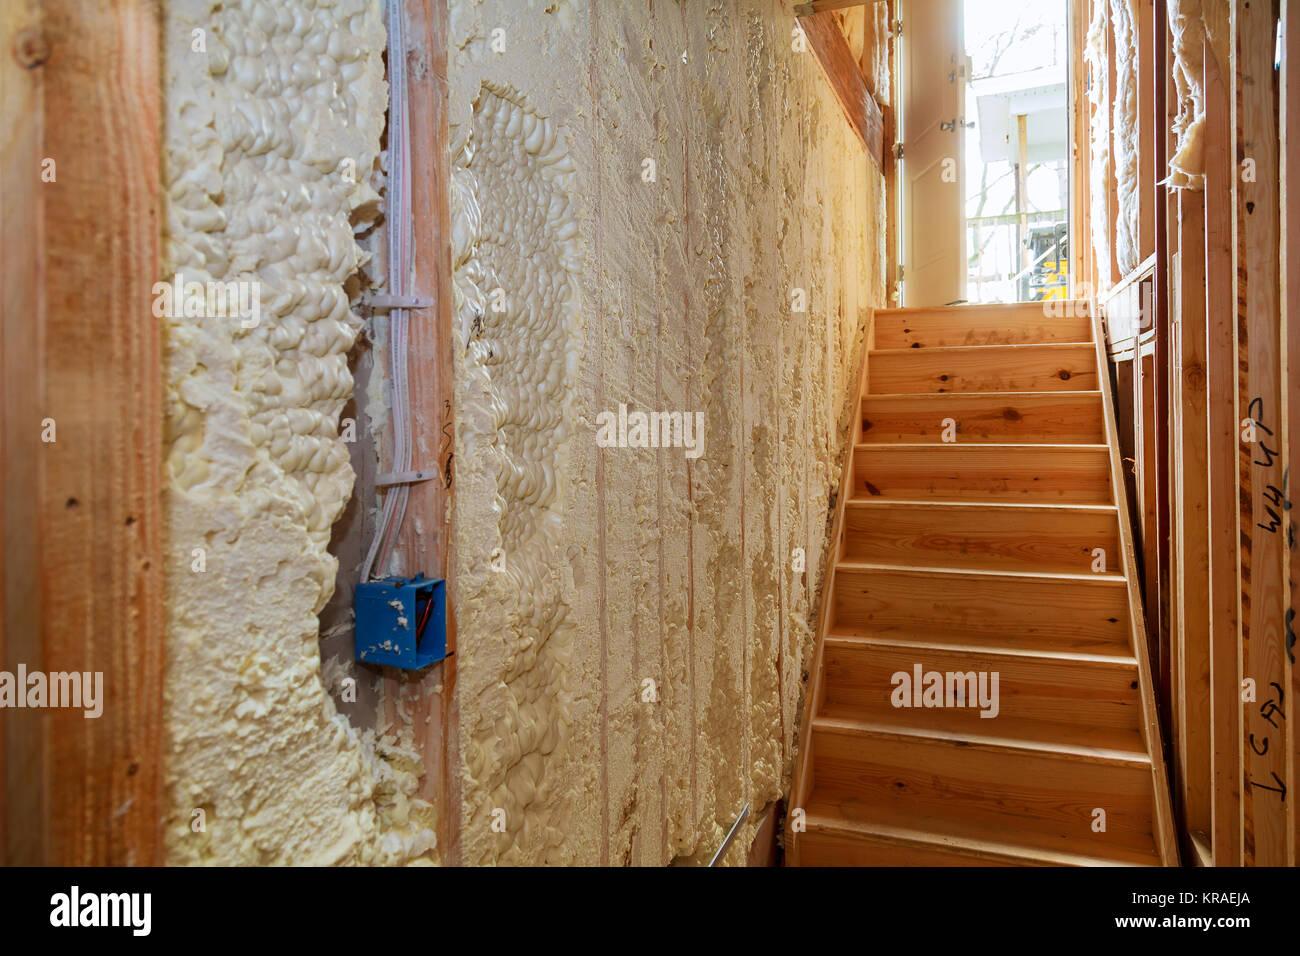 Hidro aislamiento térmico y el aislamiento de la pared interior en wooden house, edificio en construcción Imagen De Stock